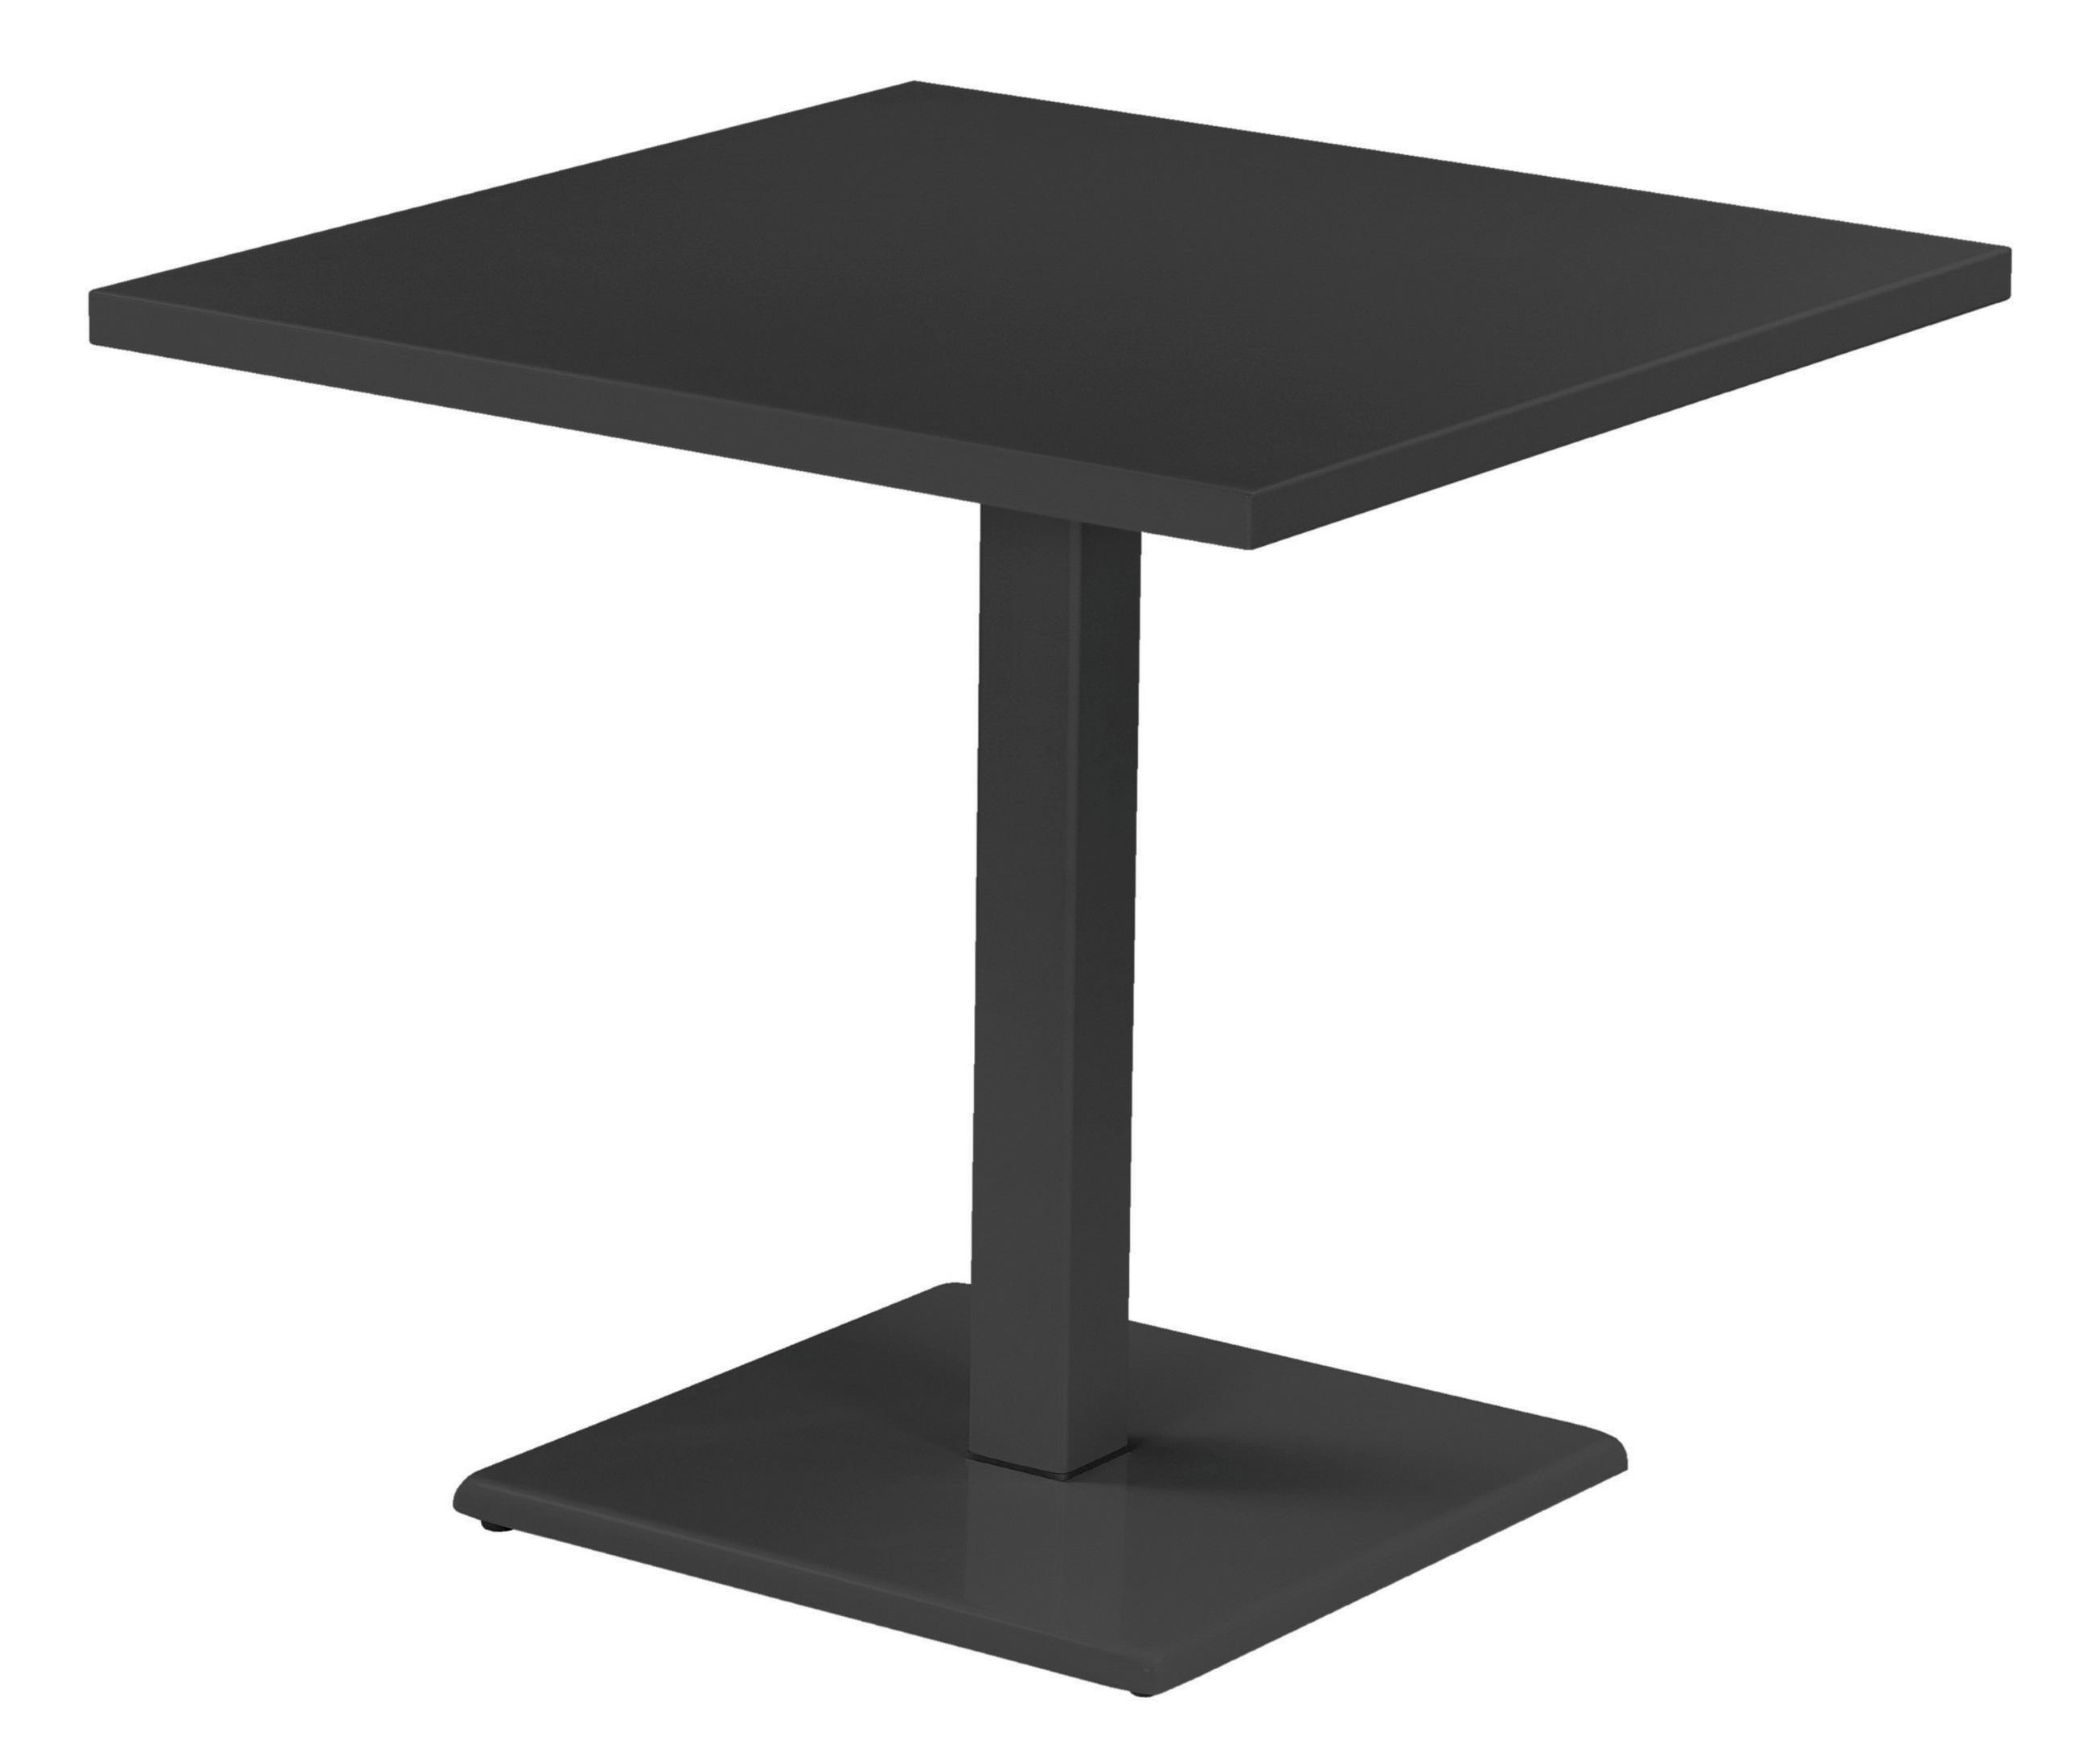 Round Tavolo Allungabile Emu.Vivereverde Tavolo Quadrato 80x80 Round Tavoli Da Giardino